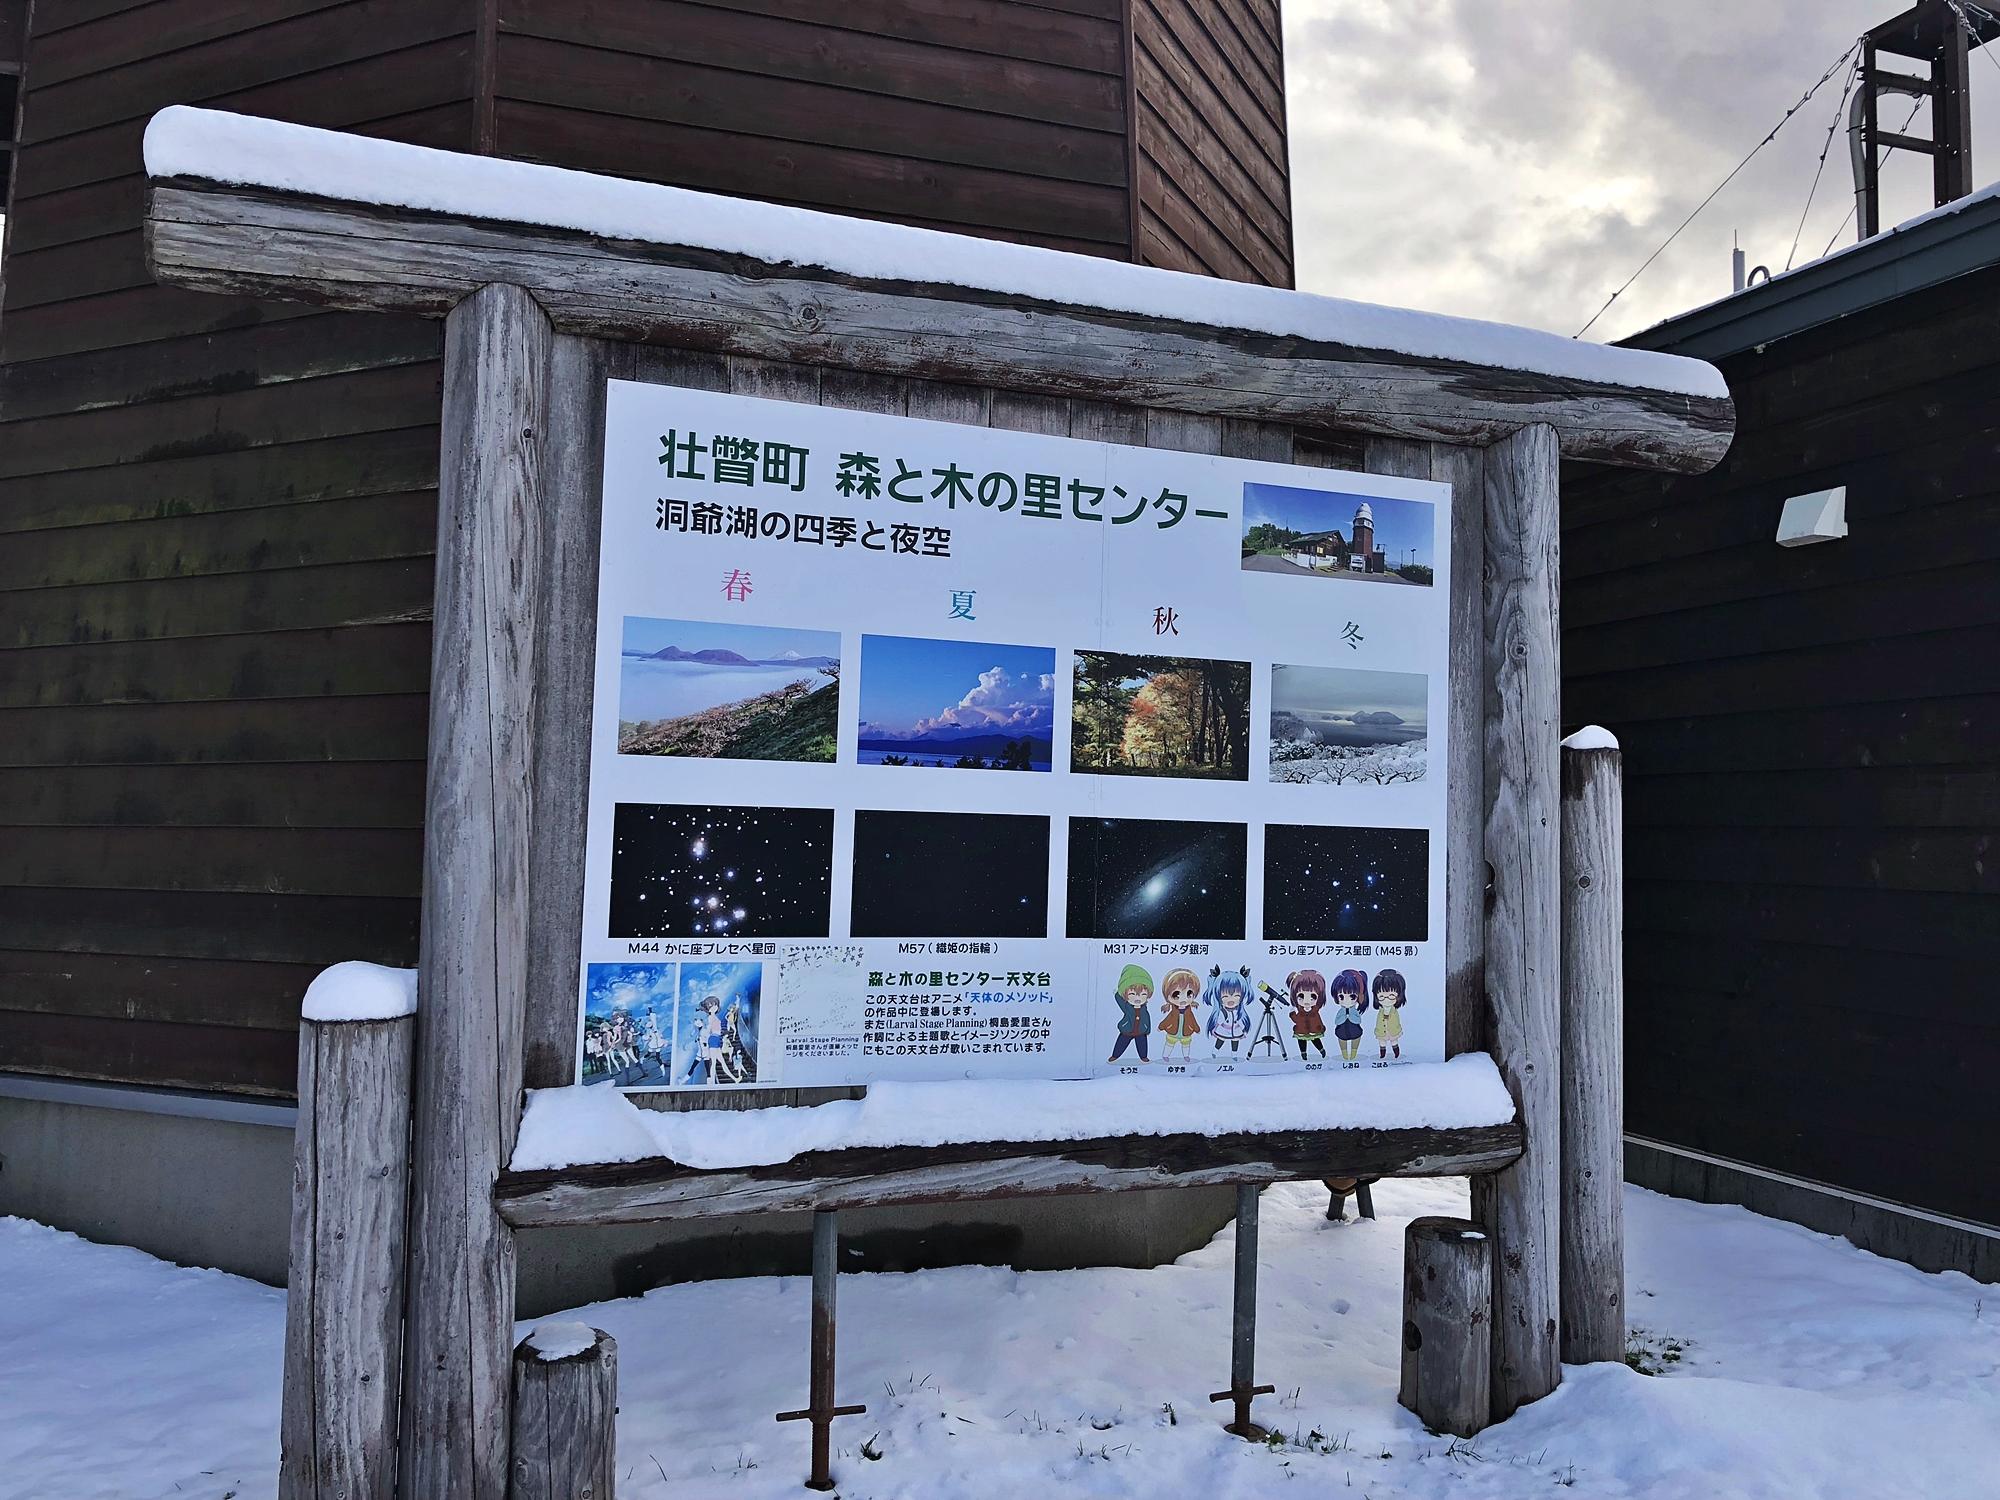 f:id:mitatowa:20181224223922j:plain